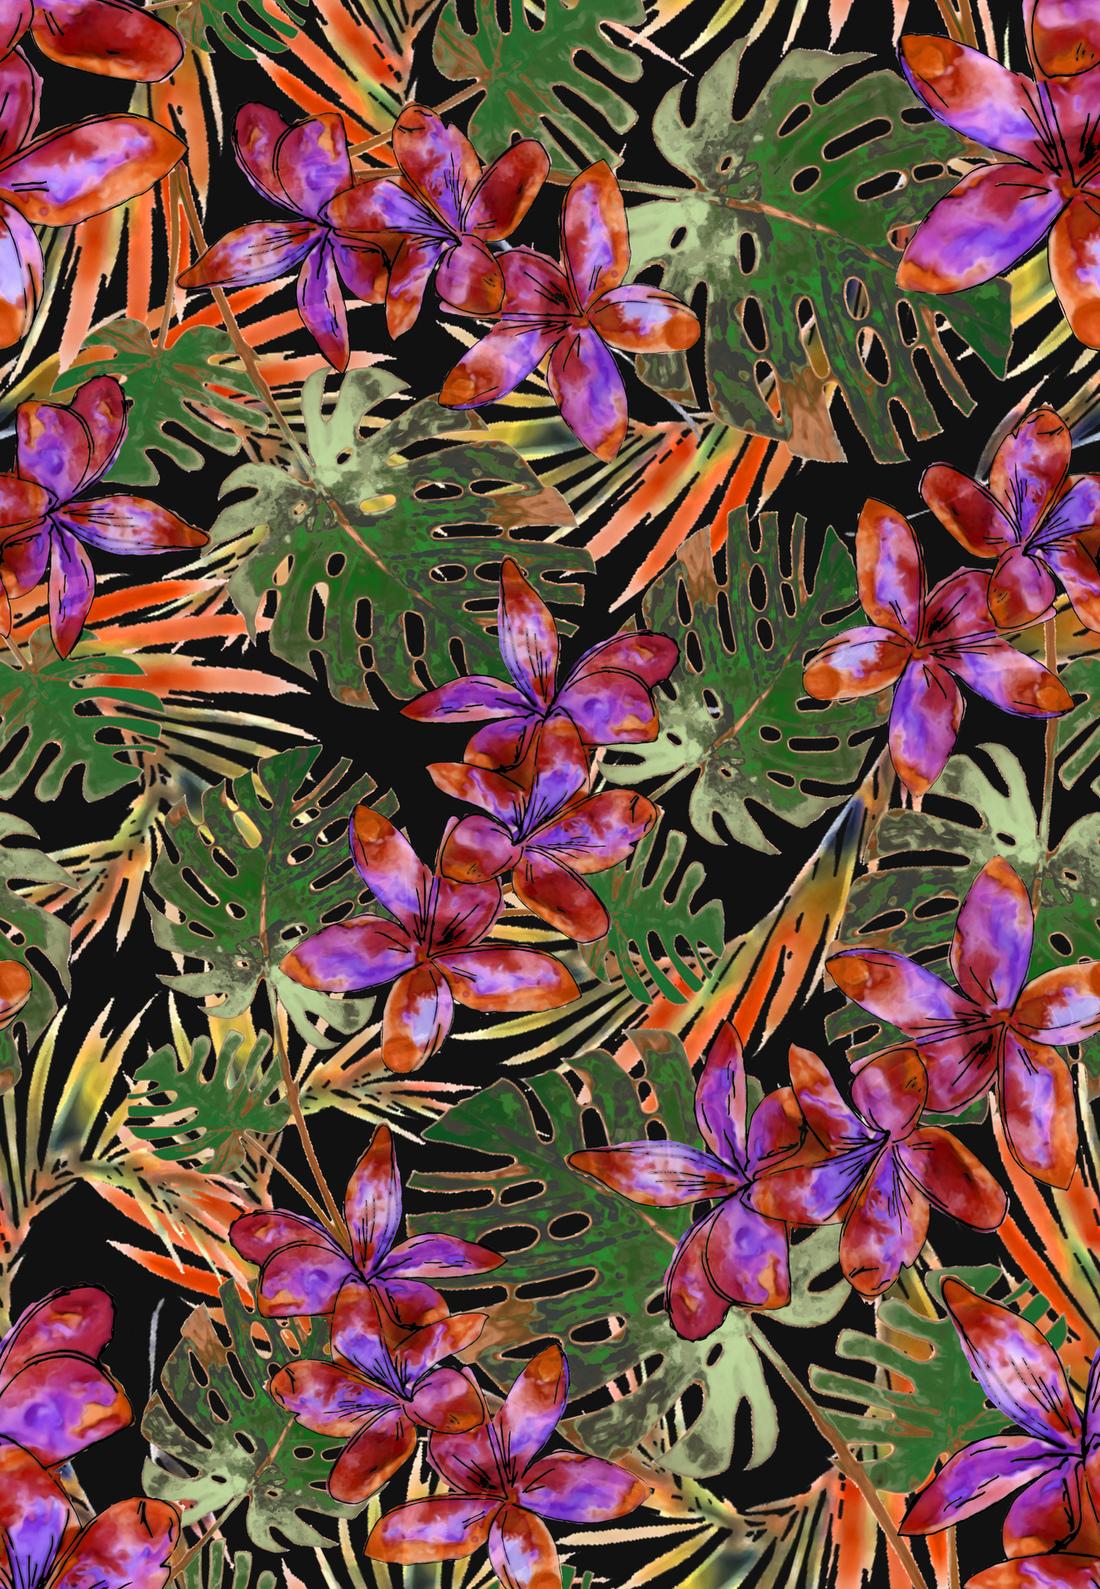 Katie Lane - Florals S/S